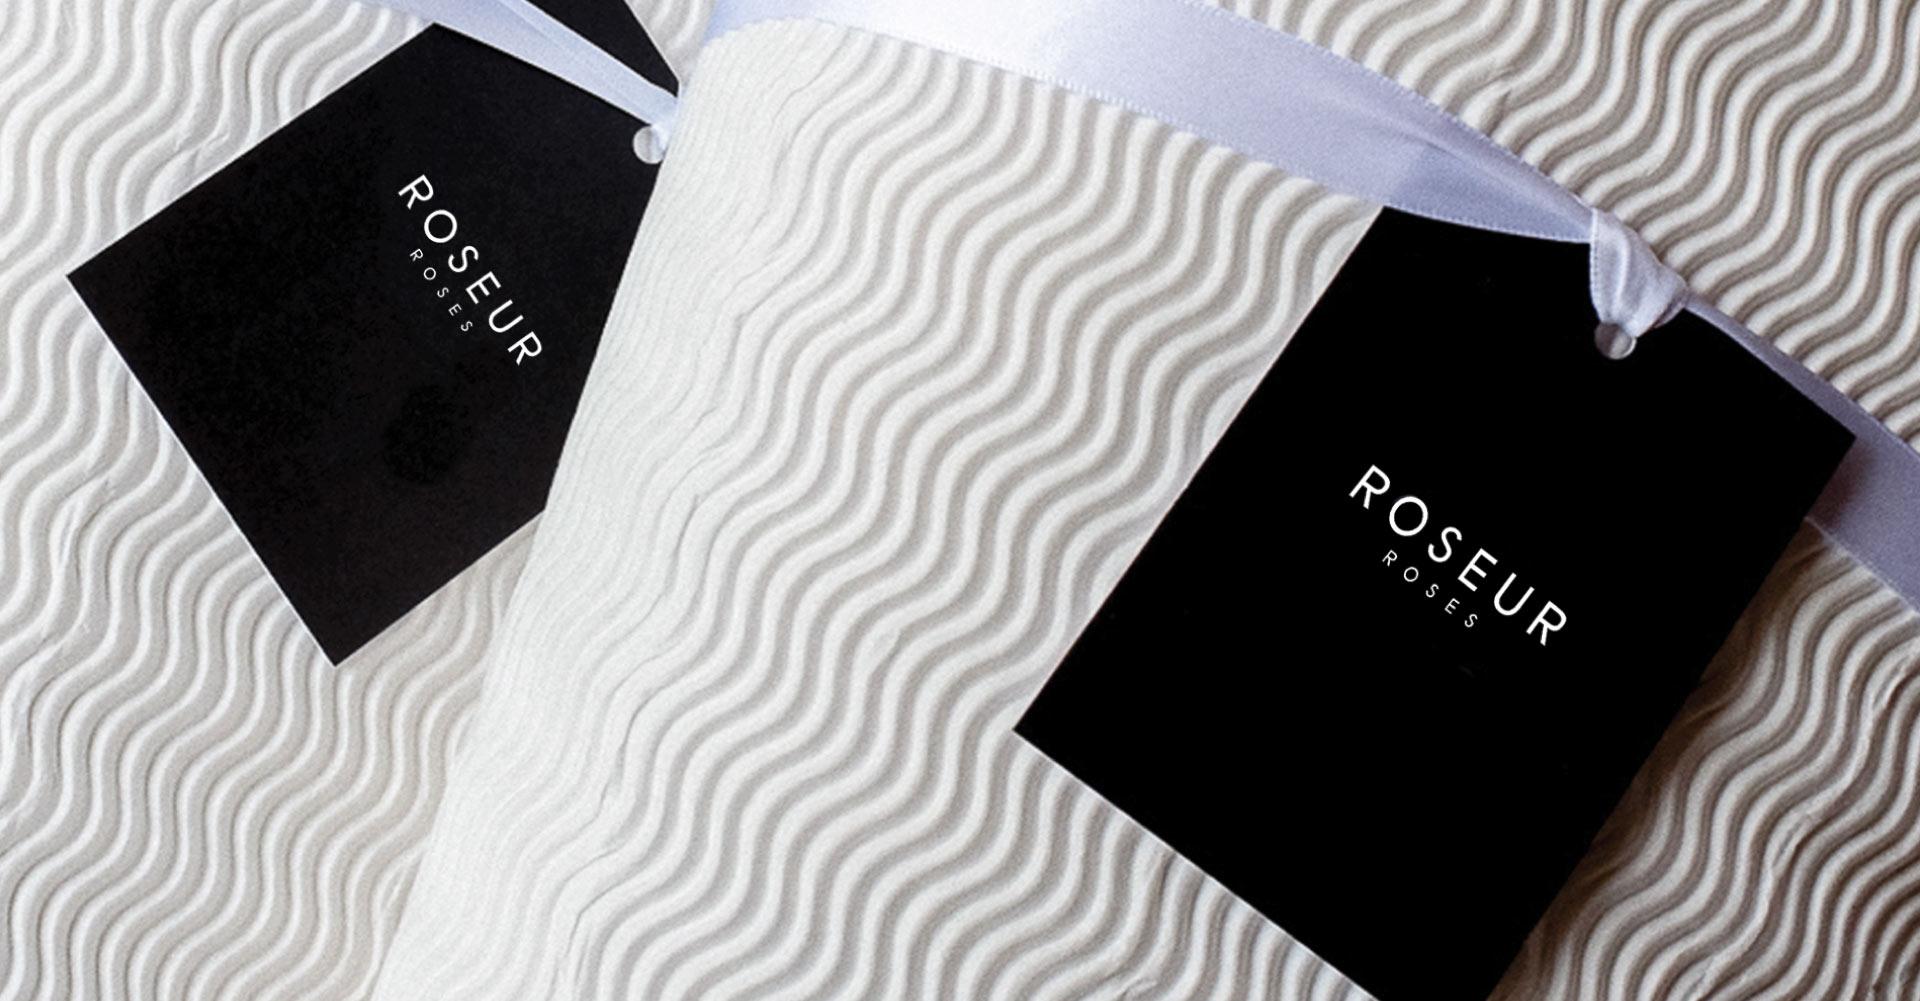 Creative_Retail_Packaging_Custom_Luxury_Packaging_Design_Roseur-09.jpg